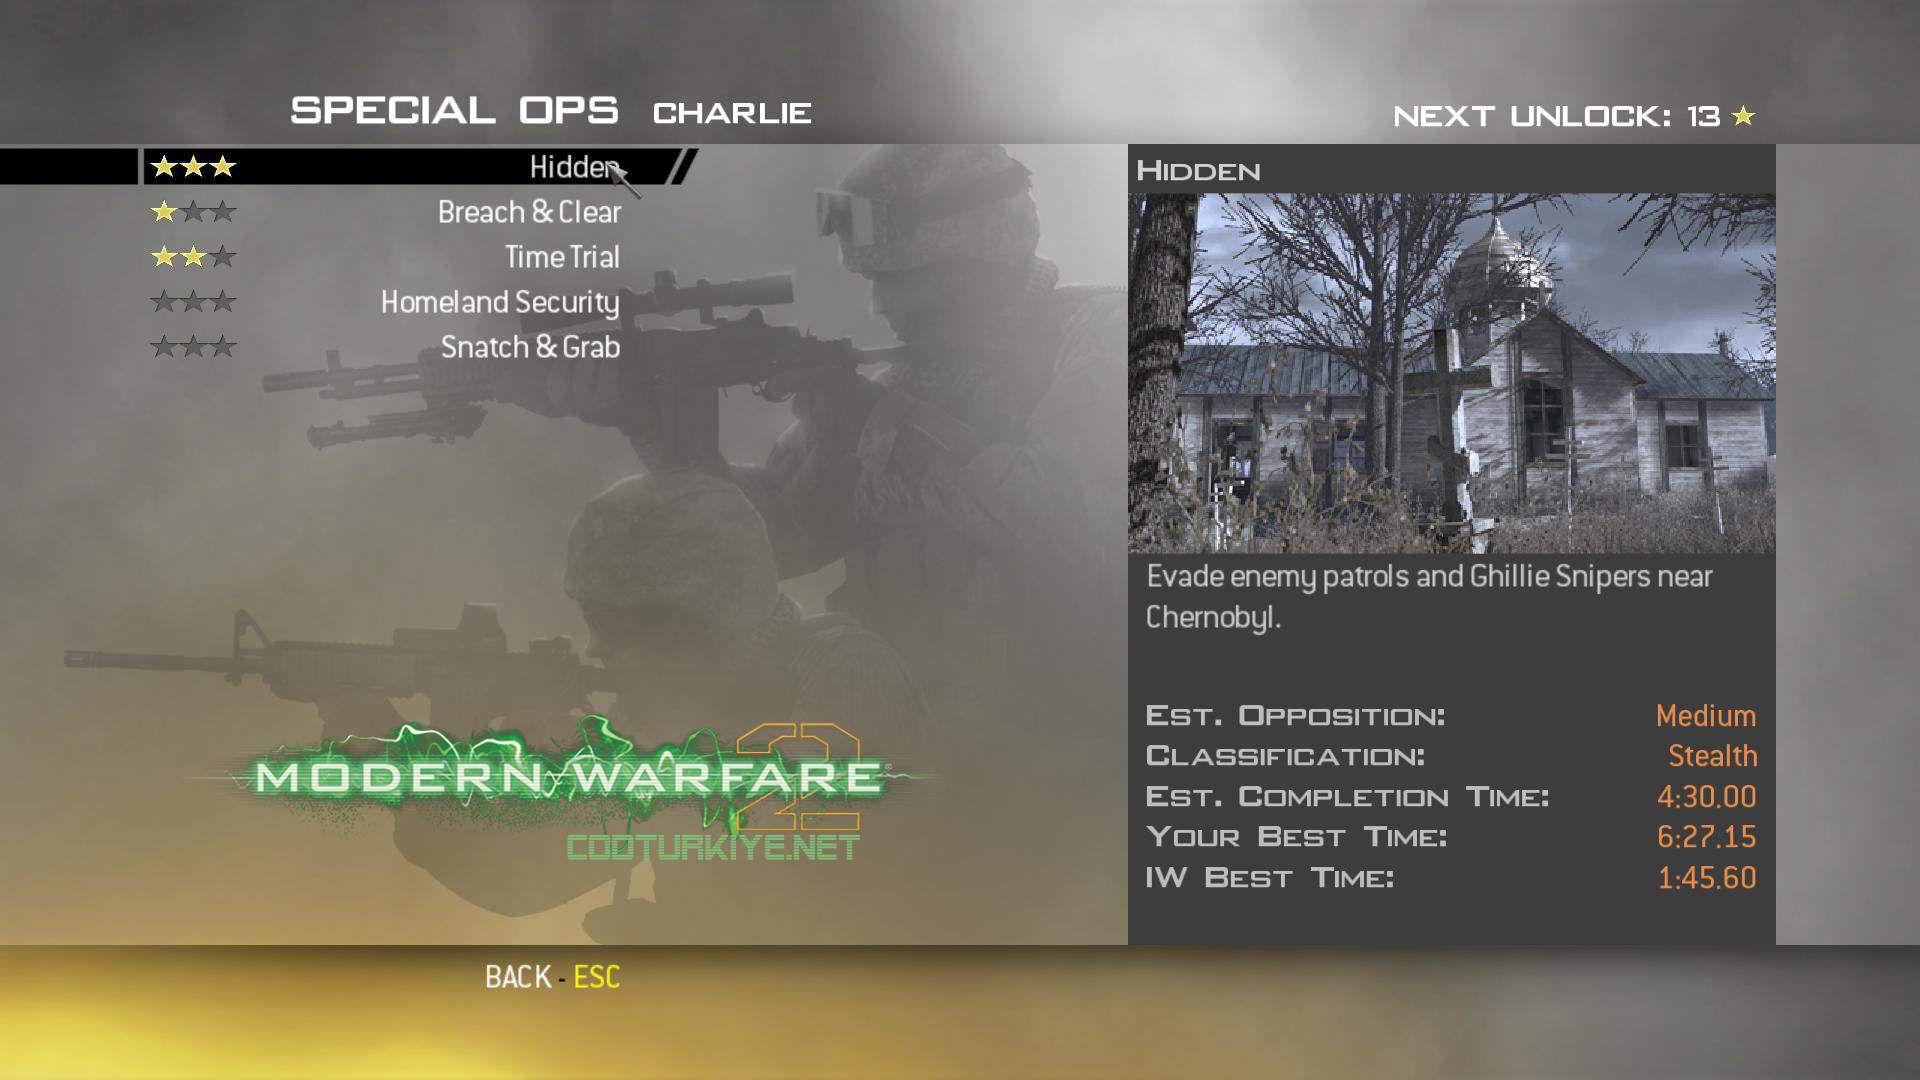 Call of Duty Modern Warfare 2 Special Ops Charlie Hidden Görevi